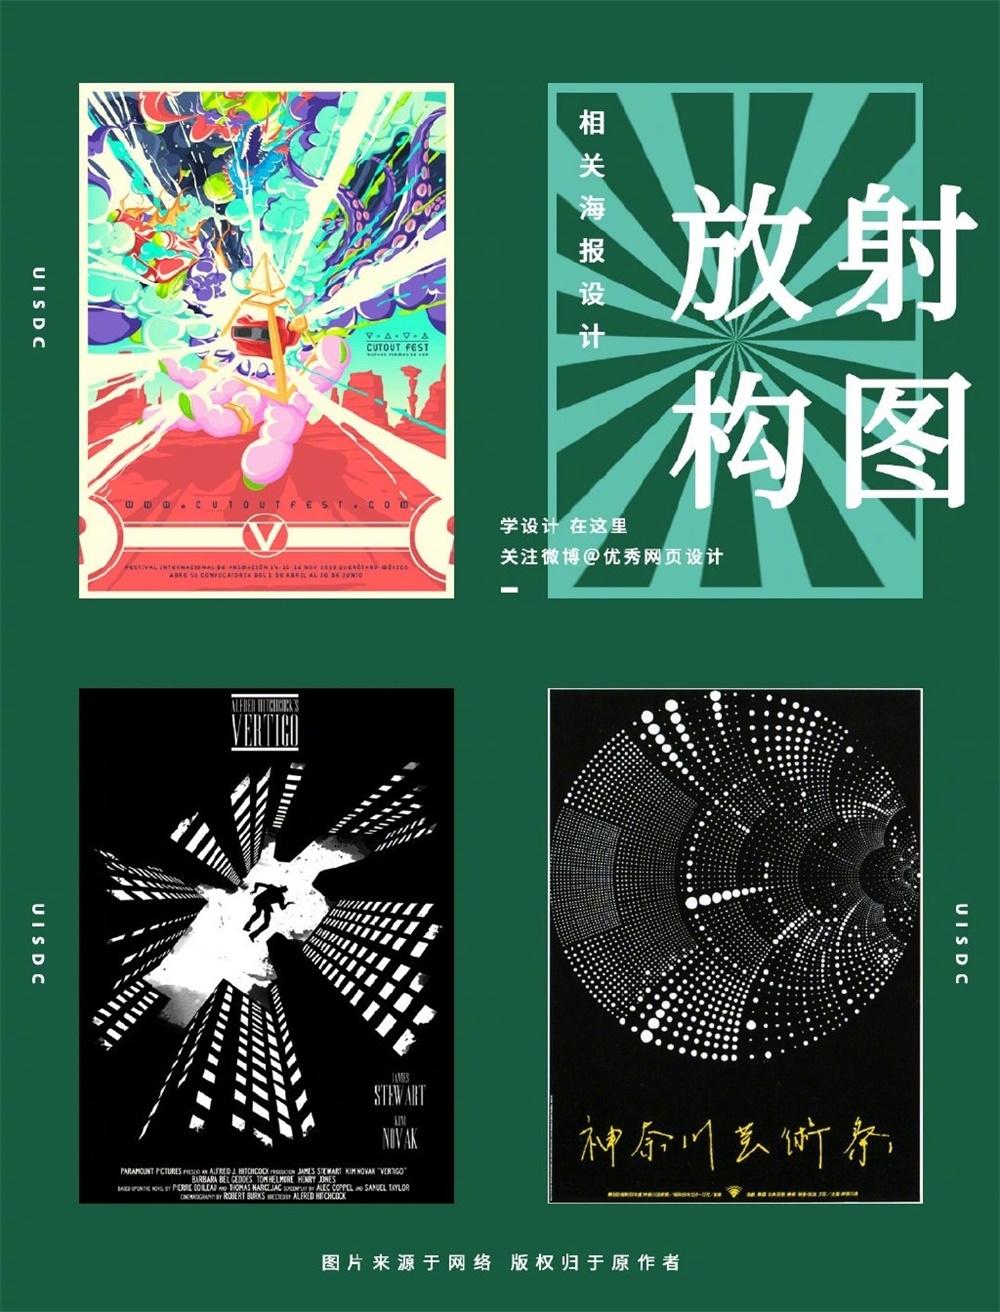 一目了然!海报设计中的9种花样构图